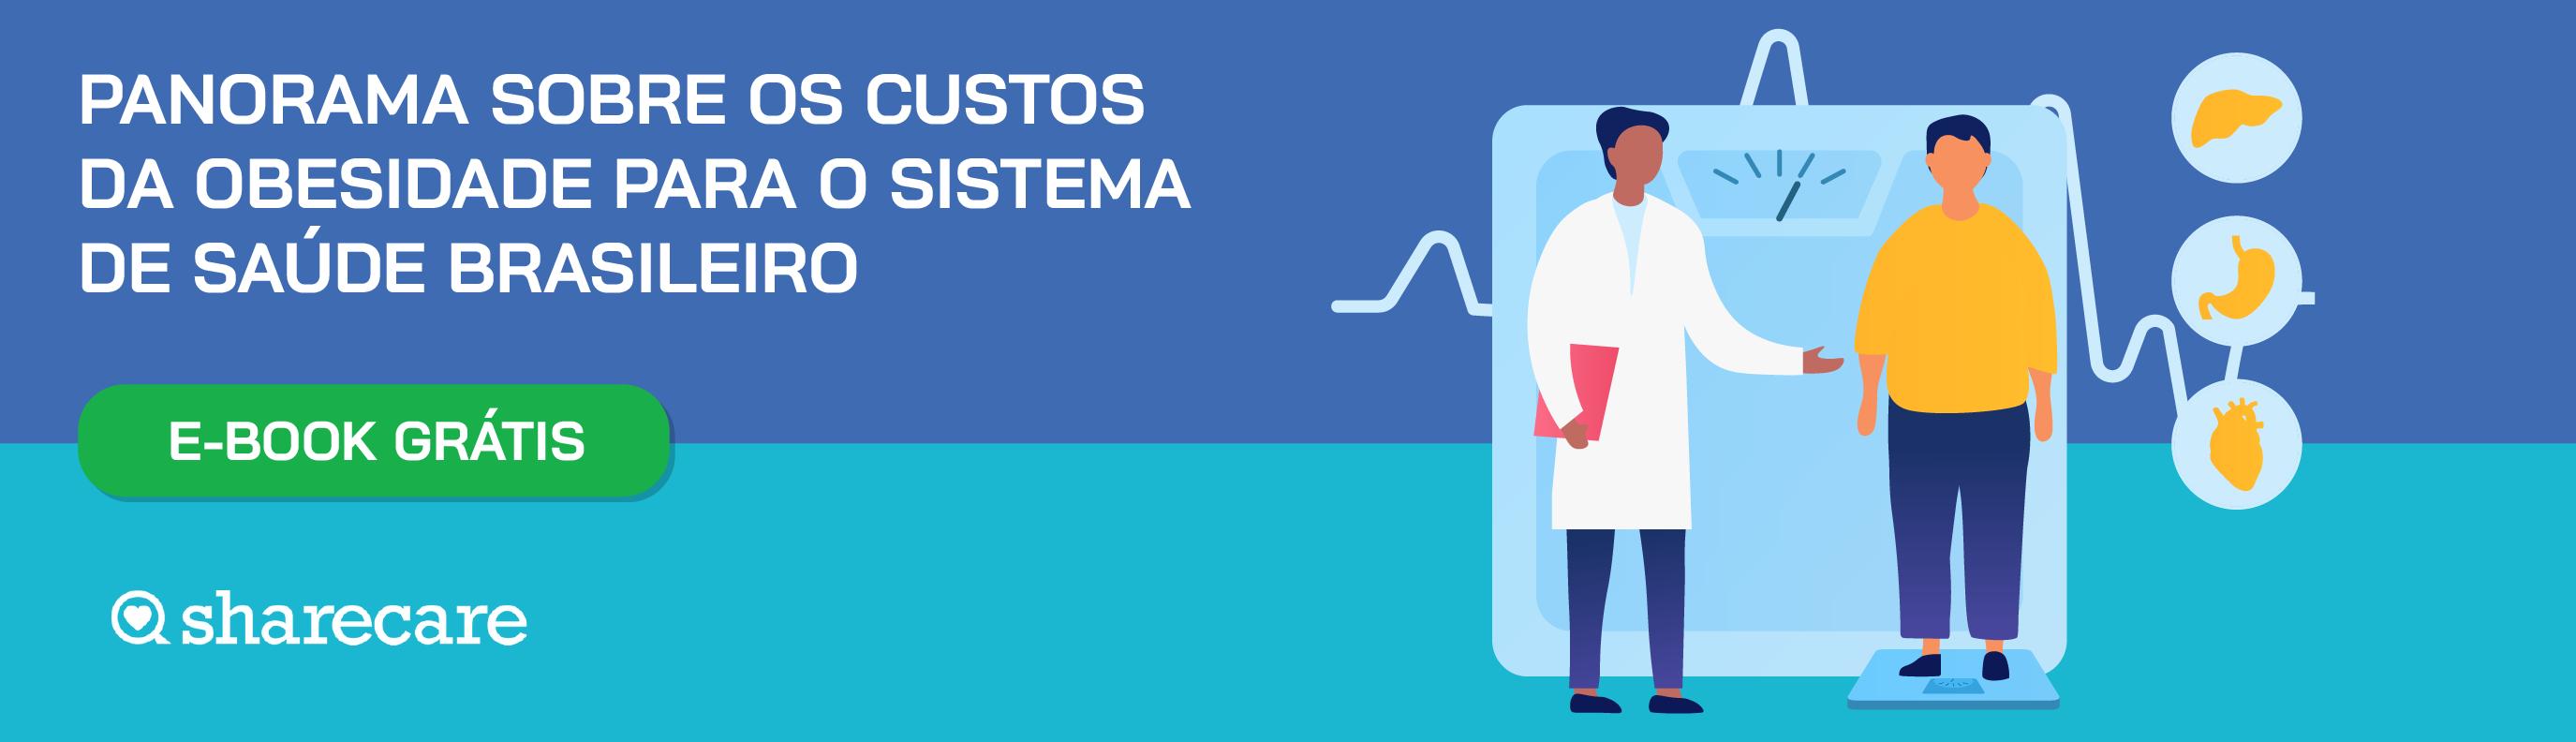 Panorama sobre os custos da obesidade para o sistema de saúde brasileiro